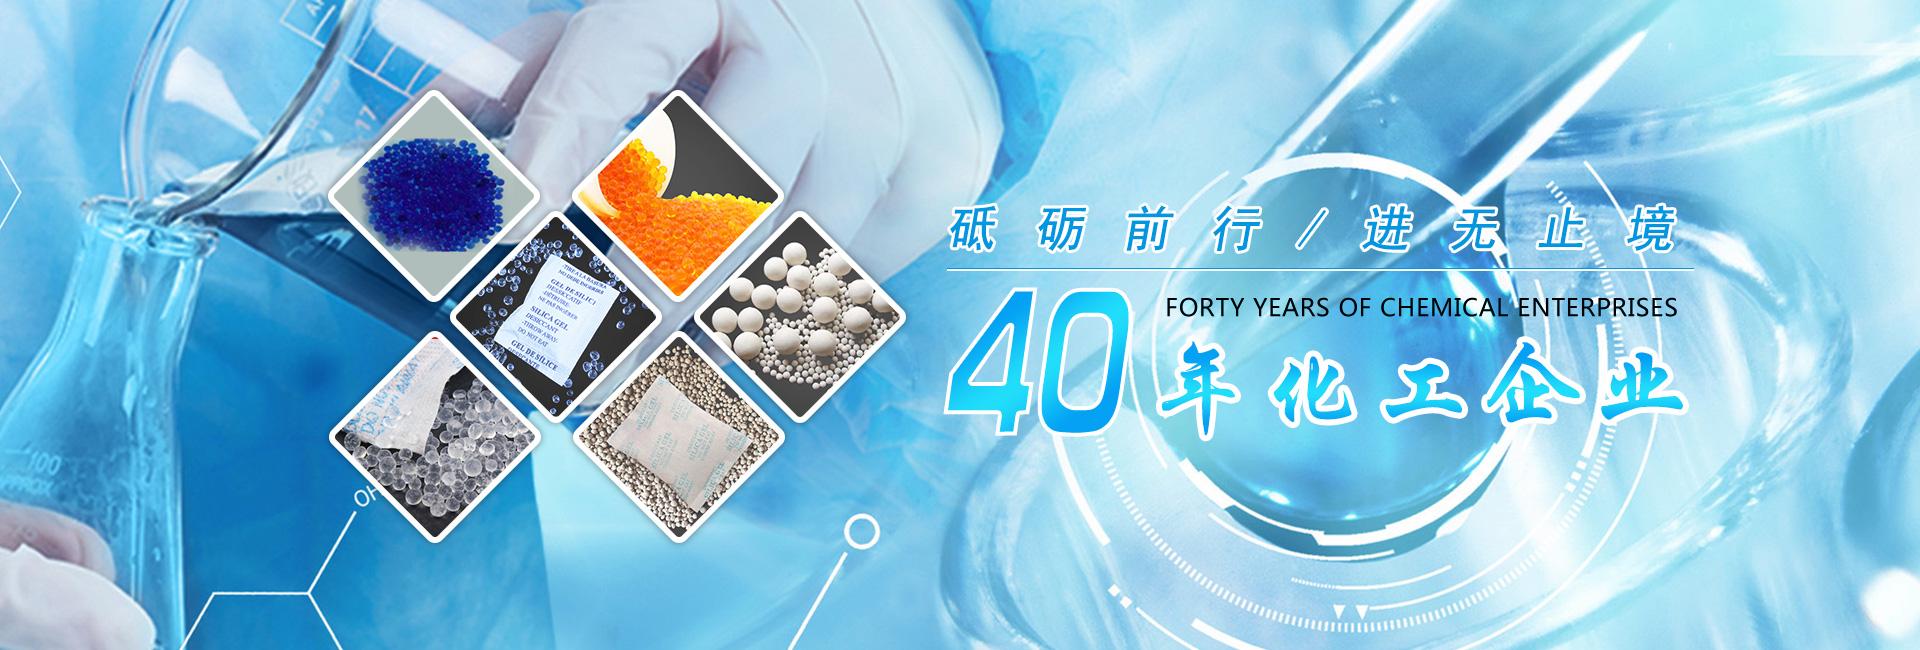 沈阳硅胶干燥剂